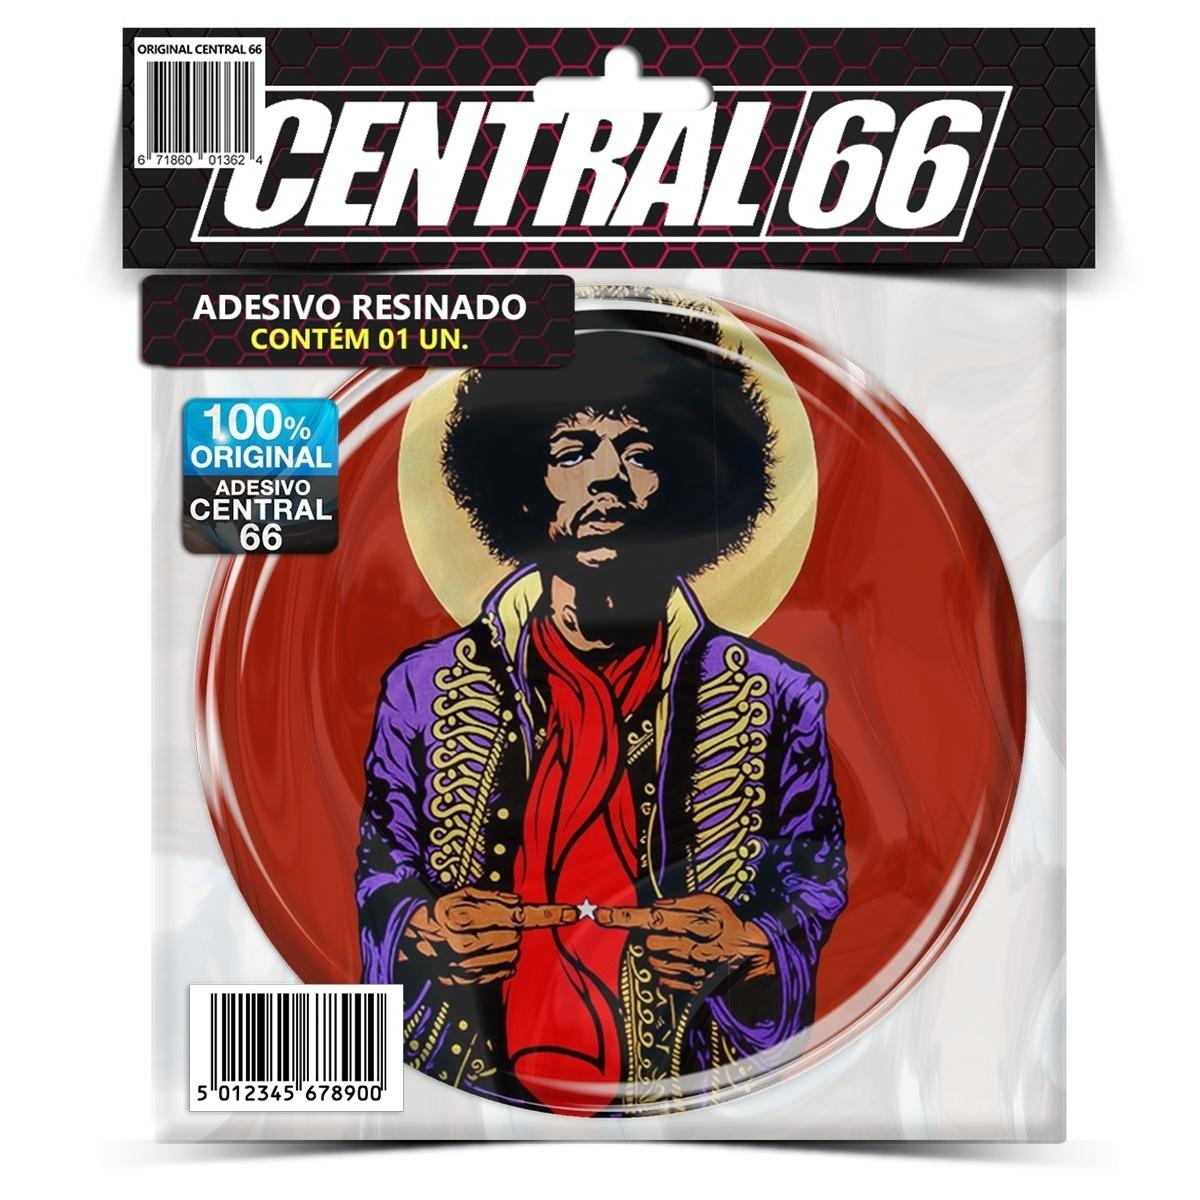 Adesivo Redondo Jimi Hendrix M05 – Central 66